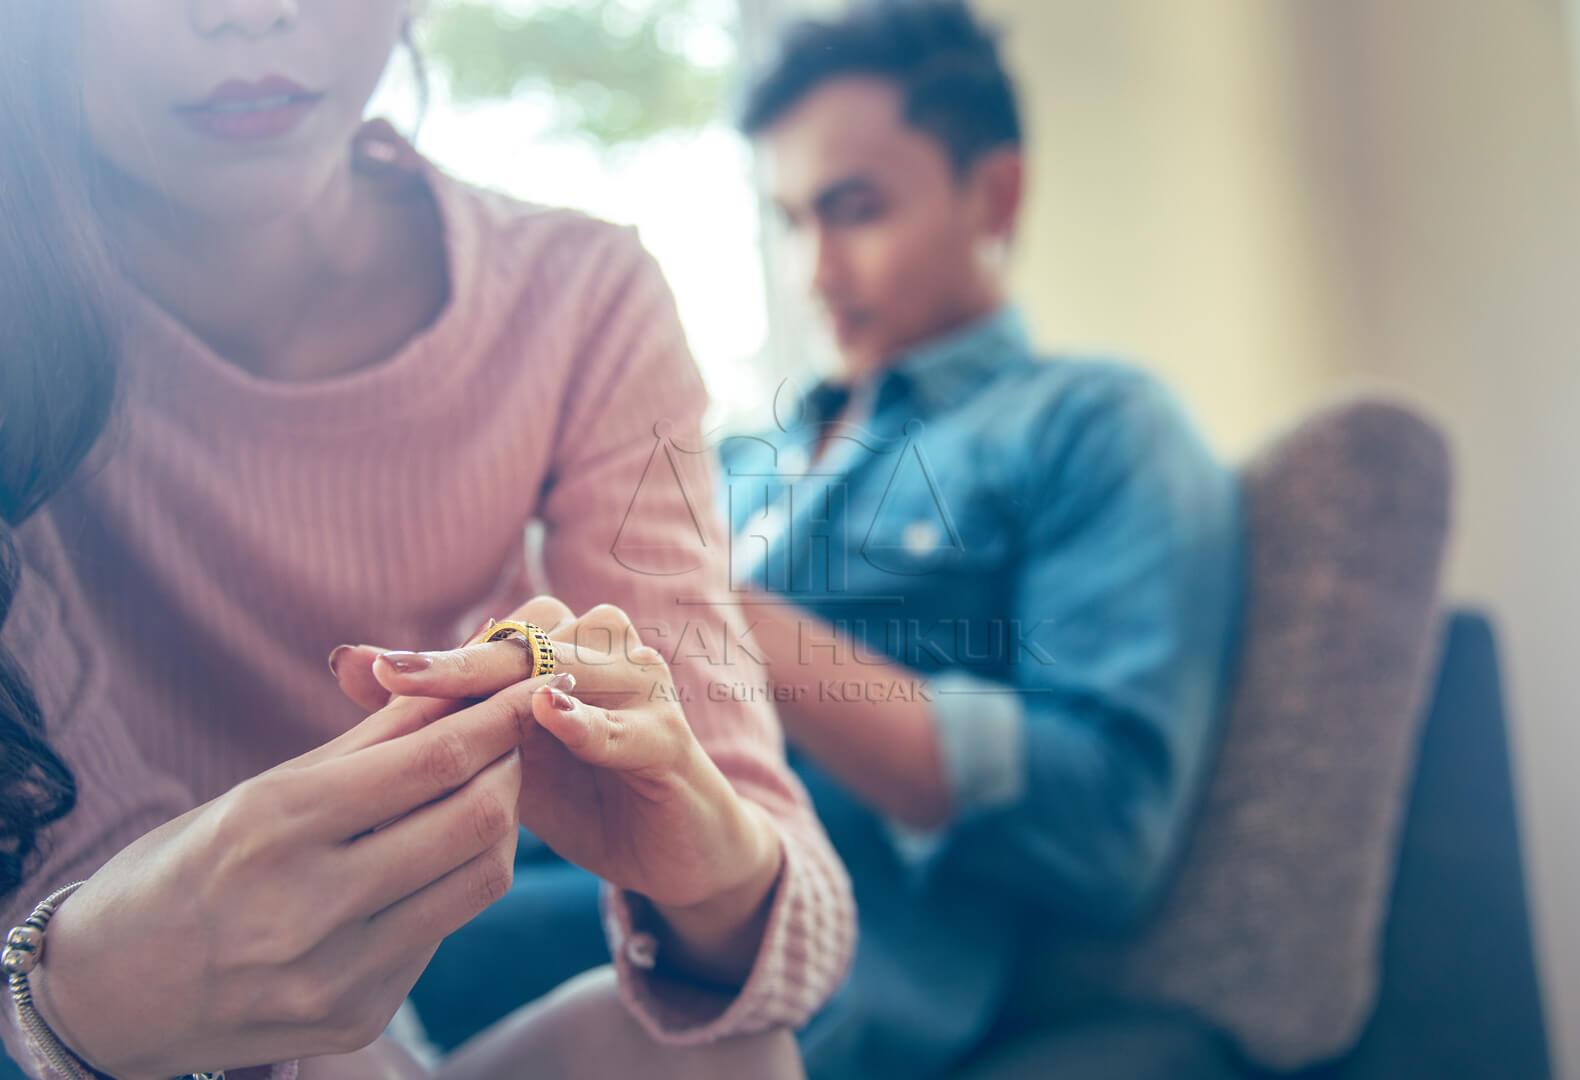 Kocak Hukuk | Boşanma Sebepleri Nelerdir? Boşanma Davaları Kaça Ayrılır? Bunlar Nelerdir?